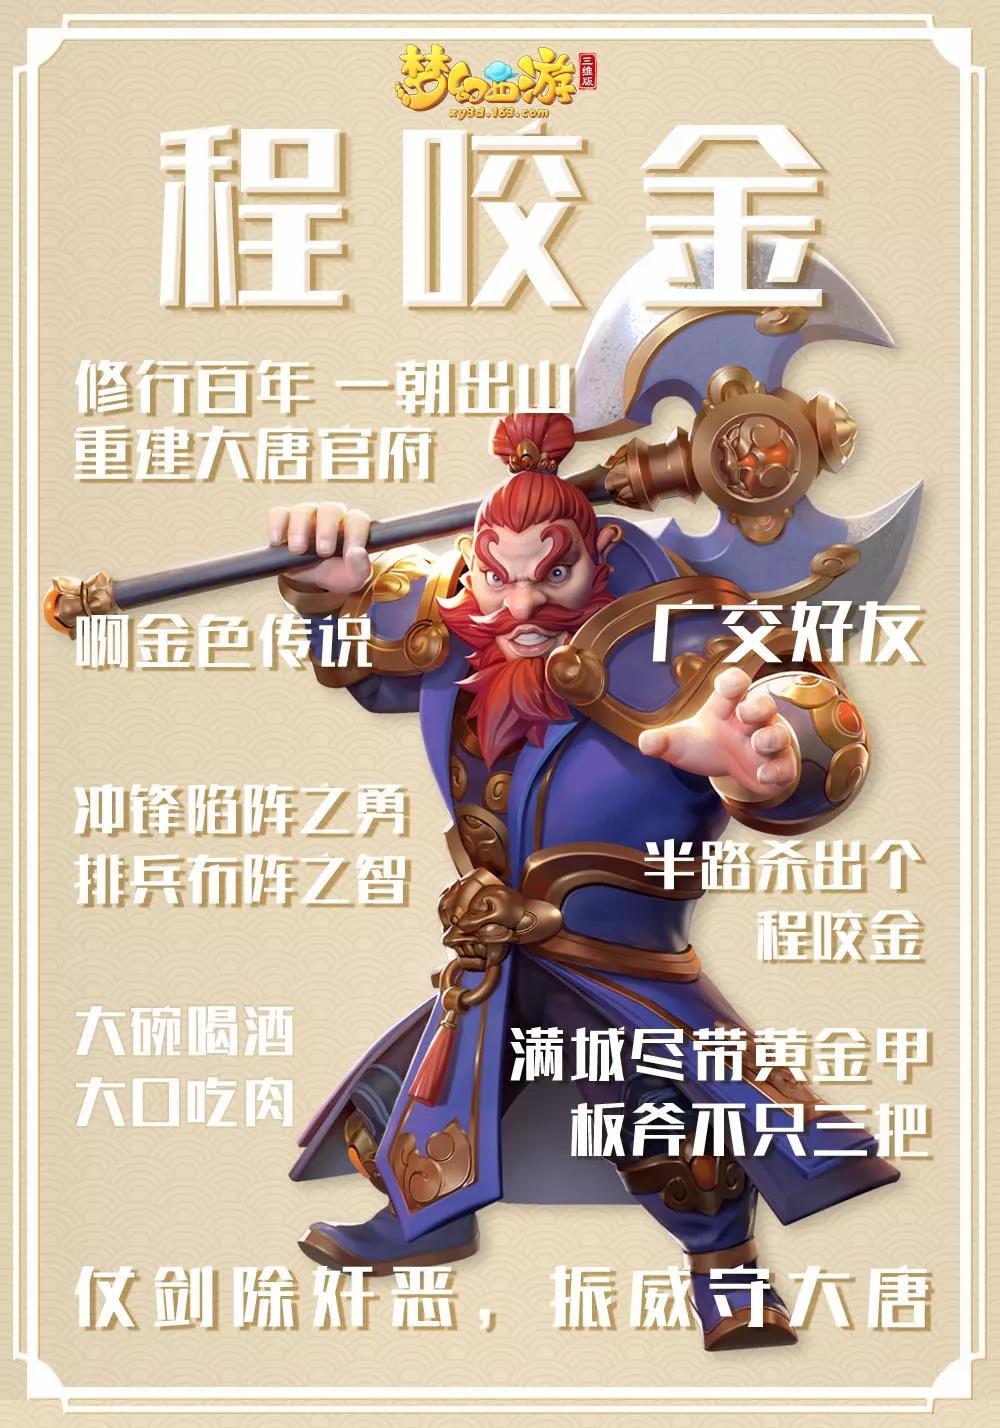 《梦幻西游三维版》大唐门派玩法推荐